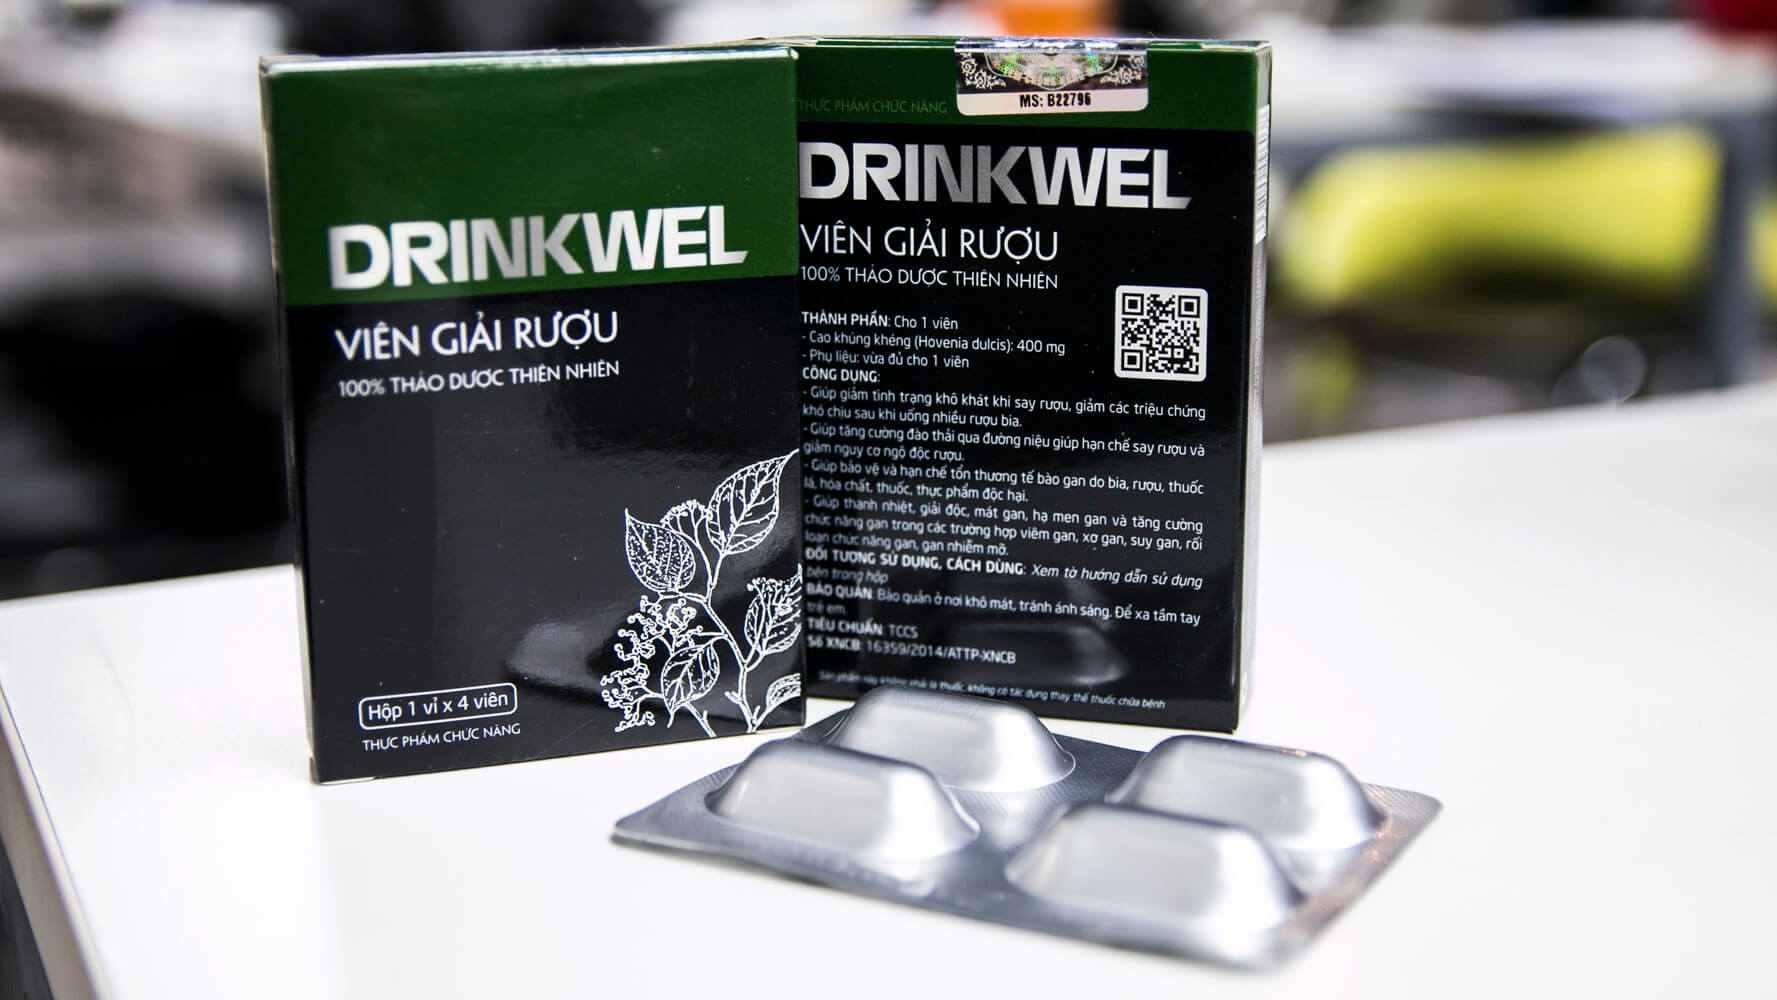 Viên giải rượu Drinkwel